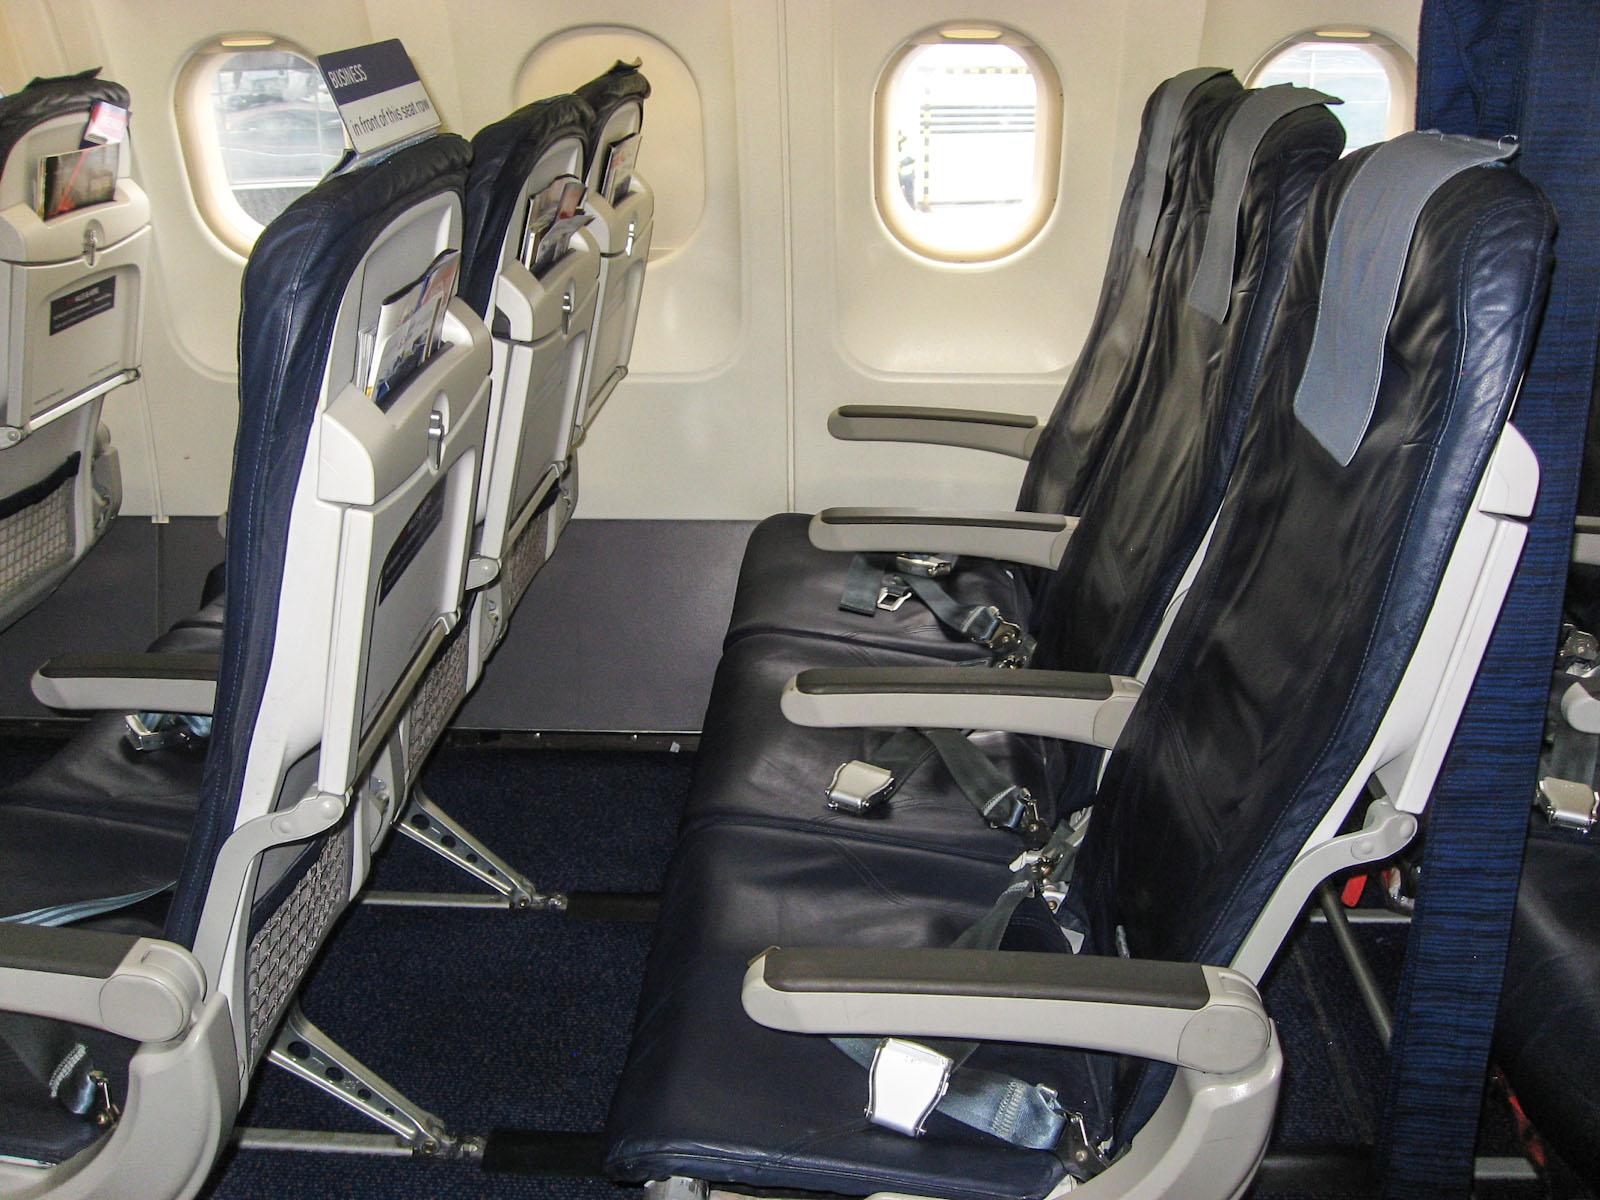 Пассажирские кресла улучшенного эконом-класса в Airbus A320 Брюссельских авиалиний